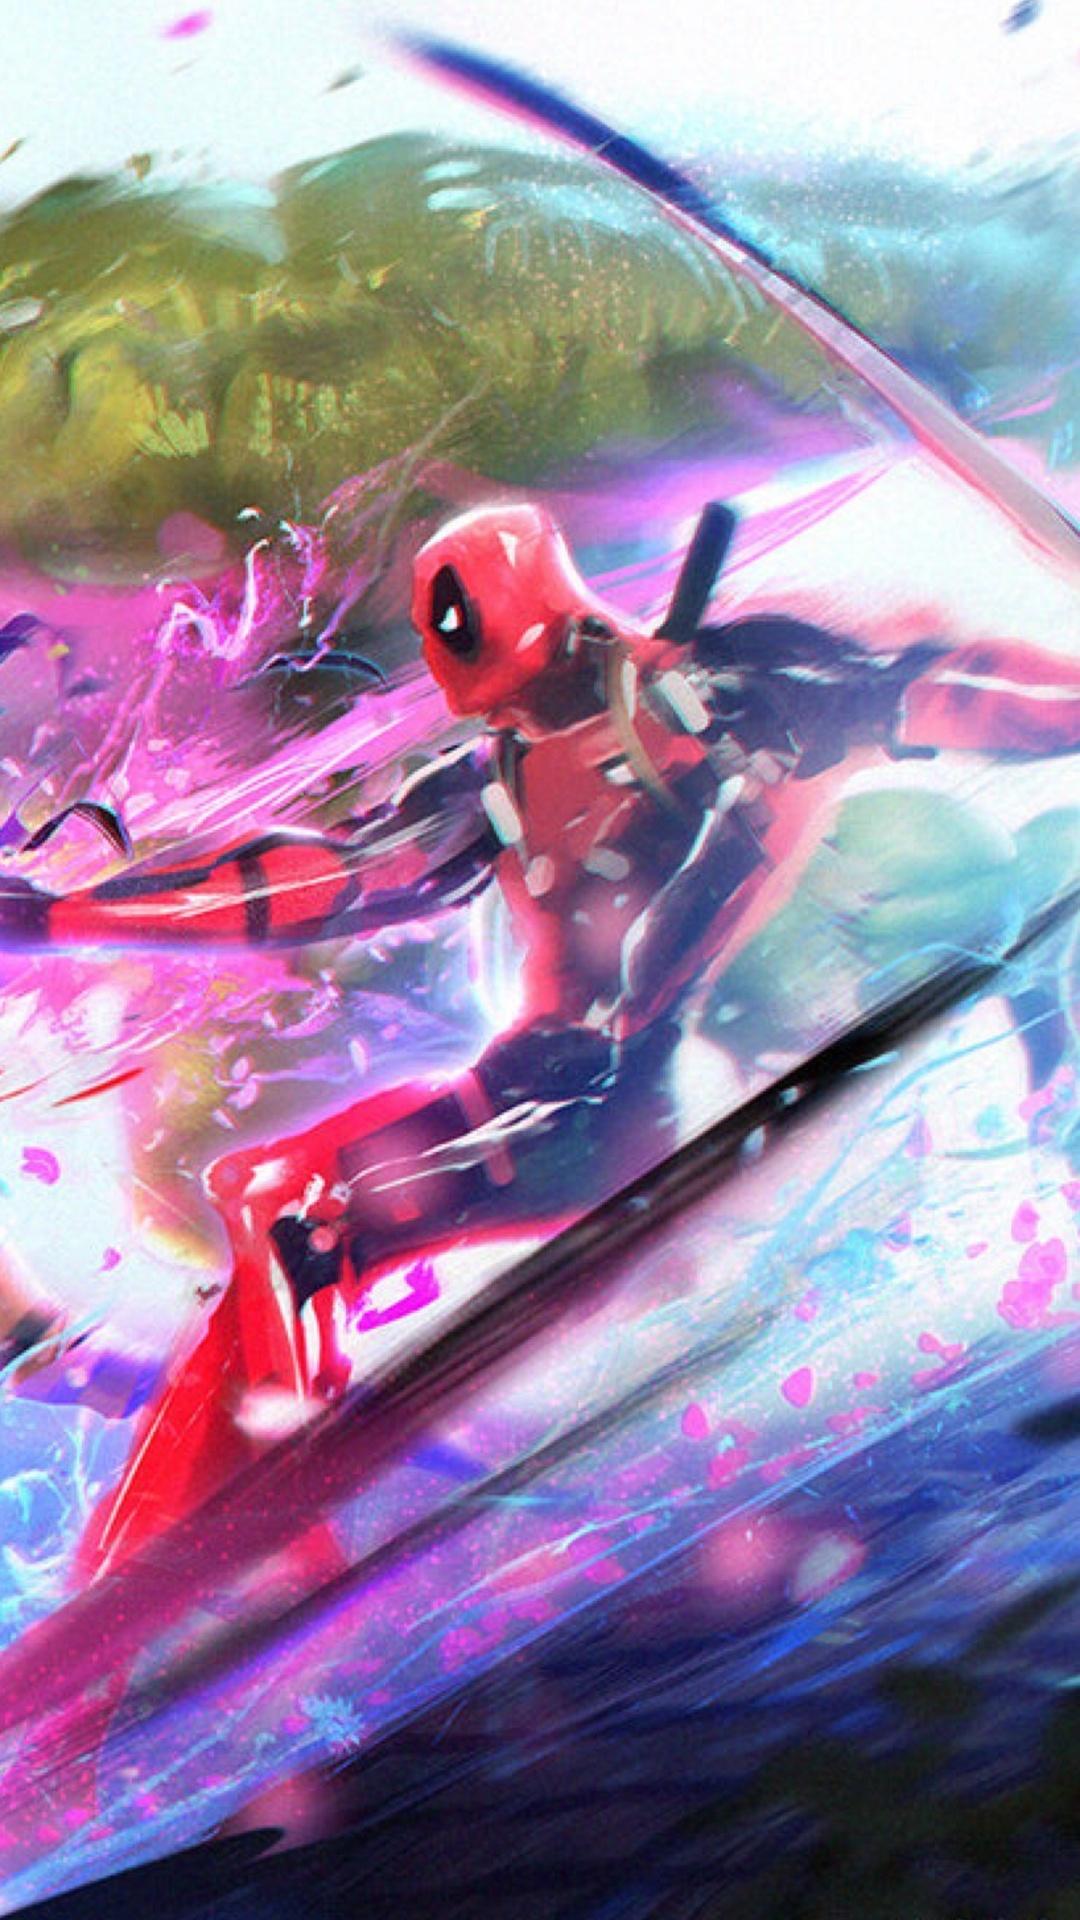 marvel-heroes-art-jj.jpg